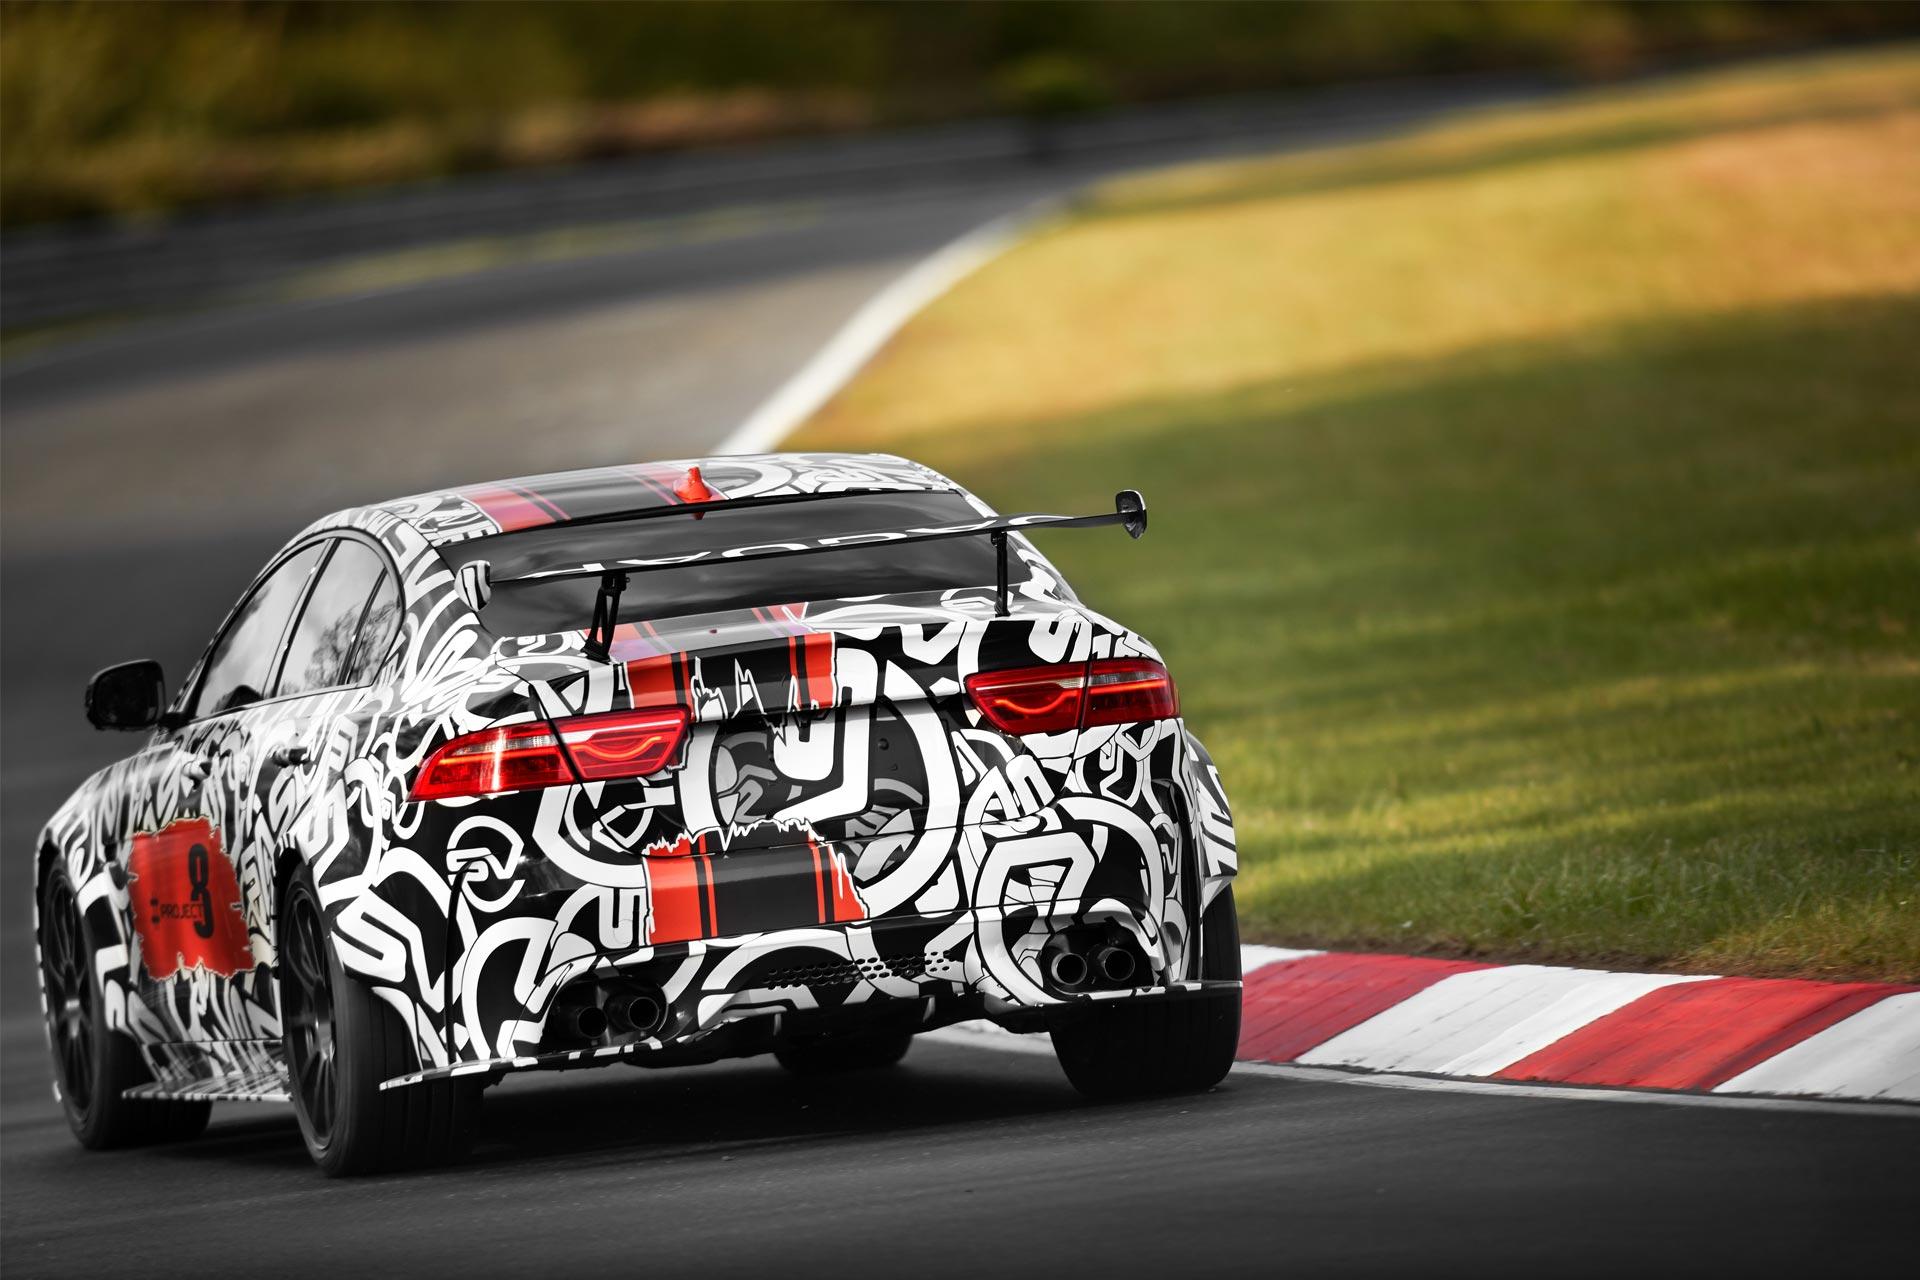 Jaguar XE SV Project 8 to be the most extreme jaguar ever - Autodevot